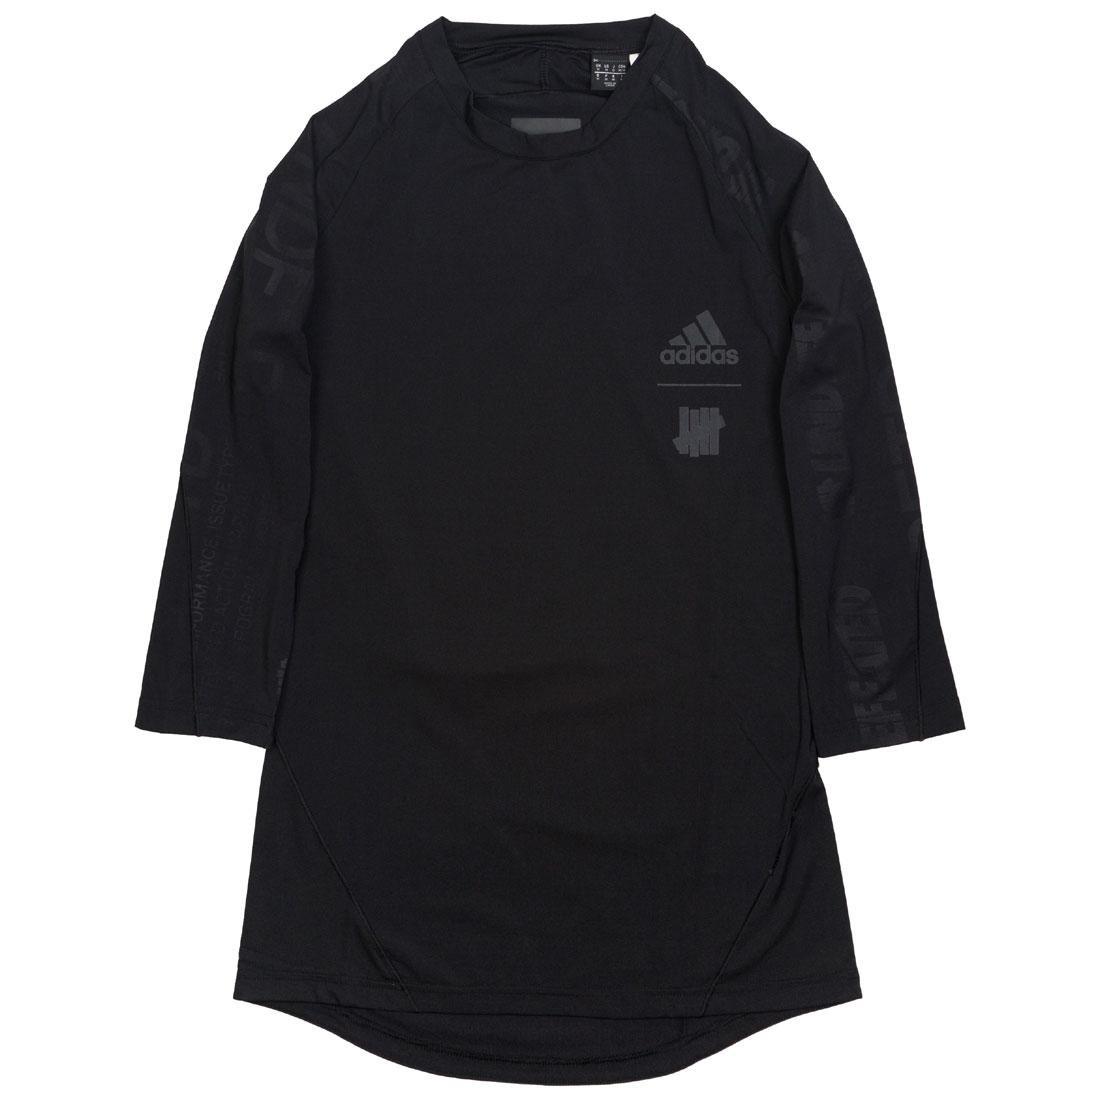 info for 6a0a1 072de Adidas x Undefeated Men Alphaskin Tech 34 Tee black